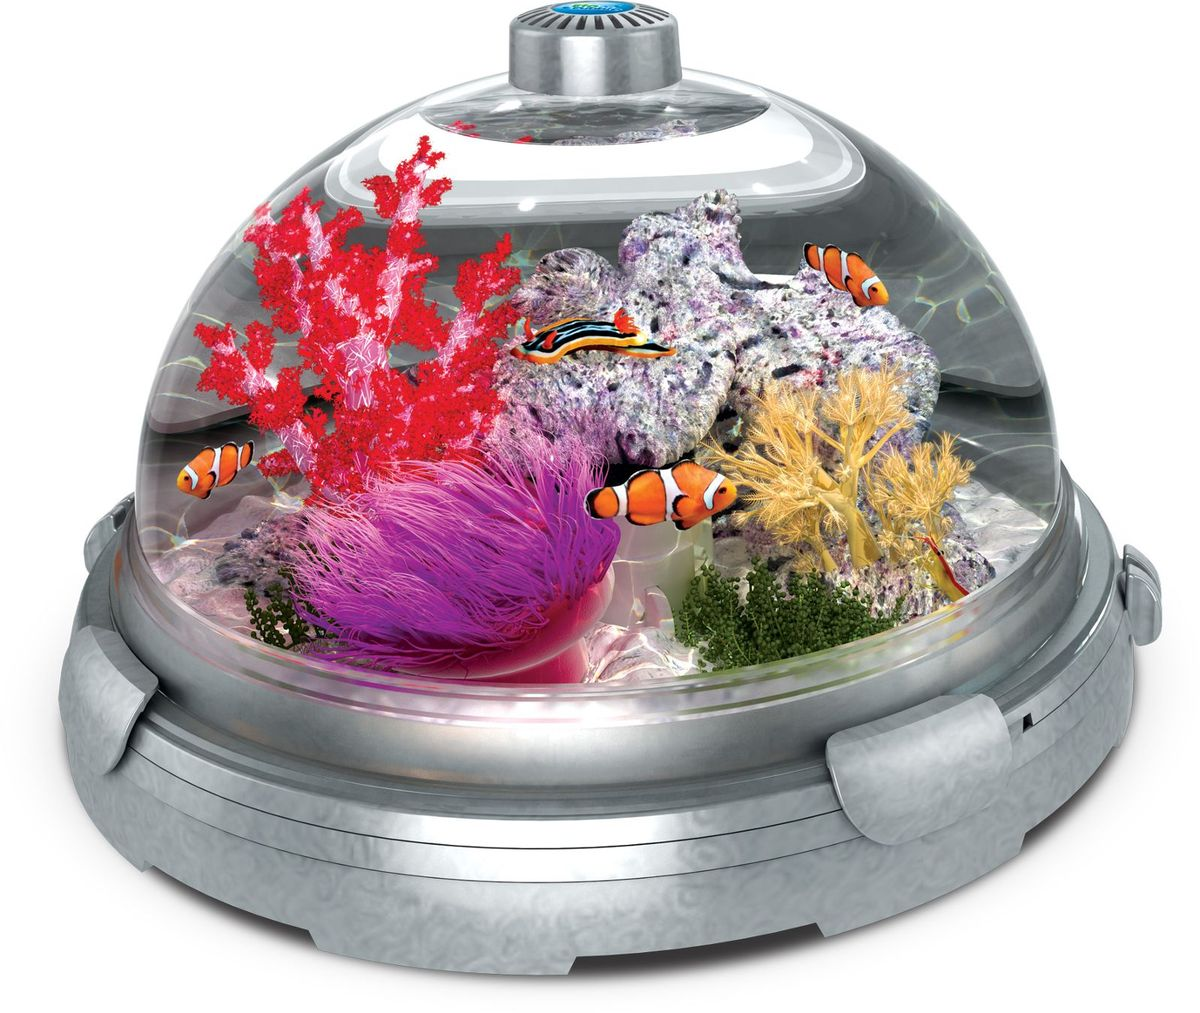 Комплект-аквариум BioBubble Aquarium Bundle, цвет: серебристый + подарок-декор Будда12723BioBubble Aquarium Bundle – это превосходная среда обитания, в которой можно создать настоящее подводное царство